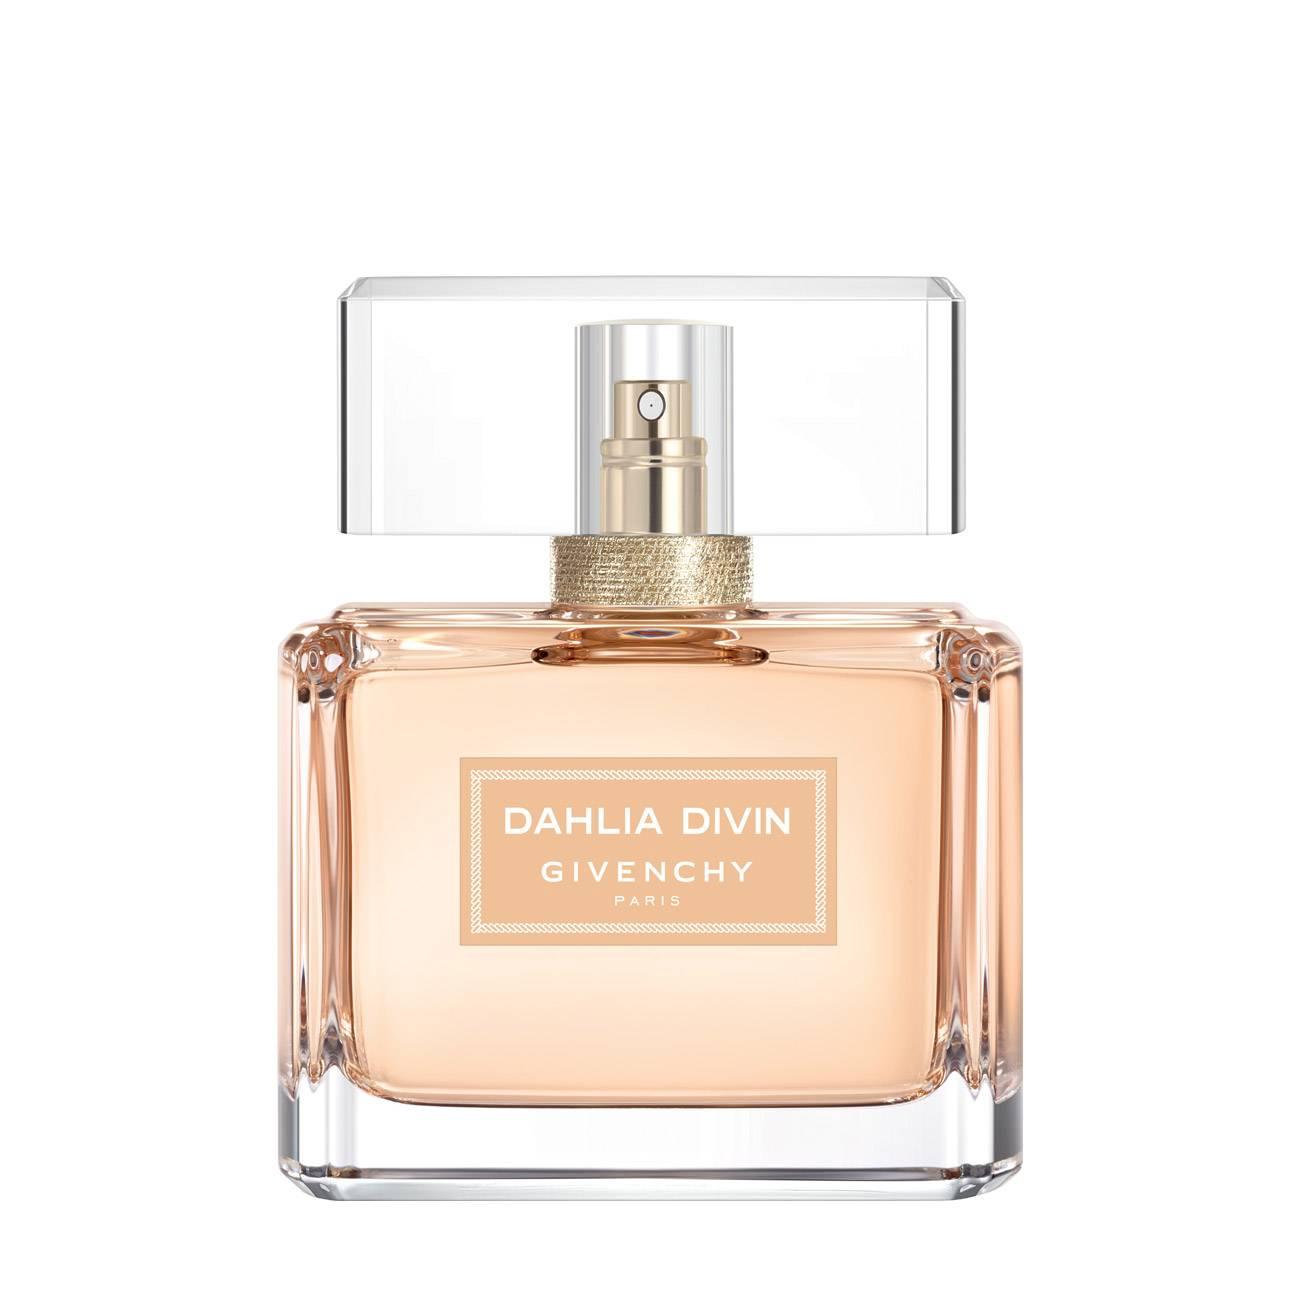 DAHLIA DIVIN 75ml